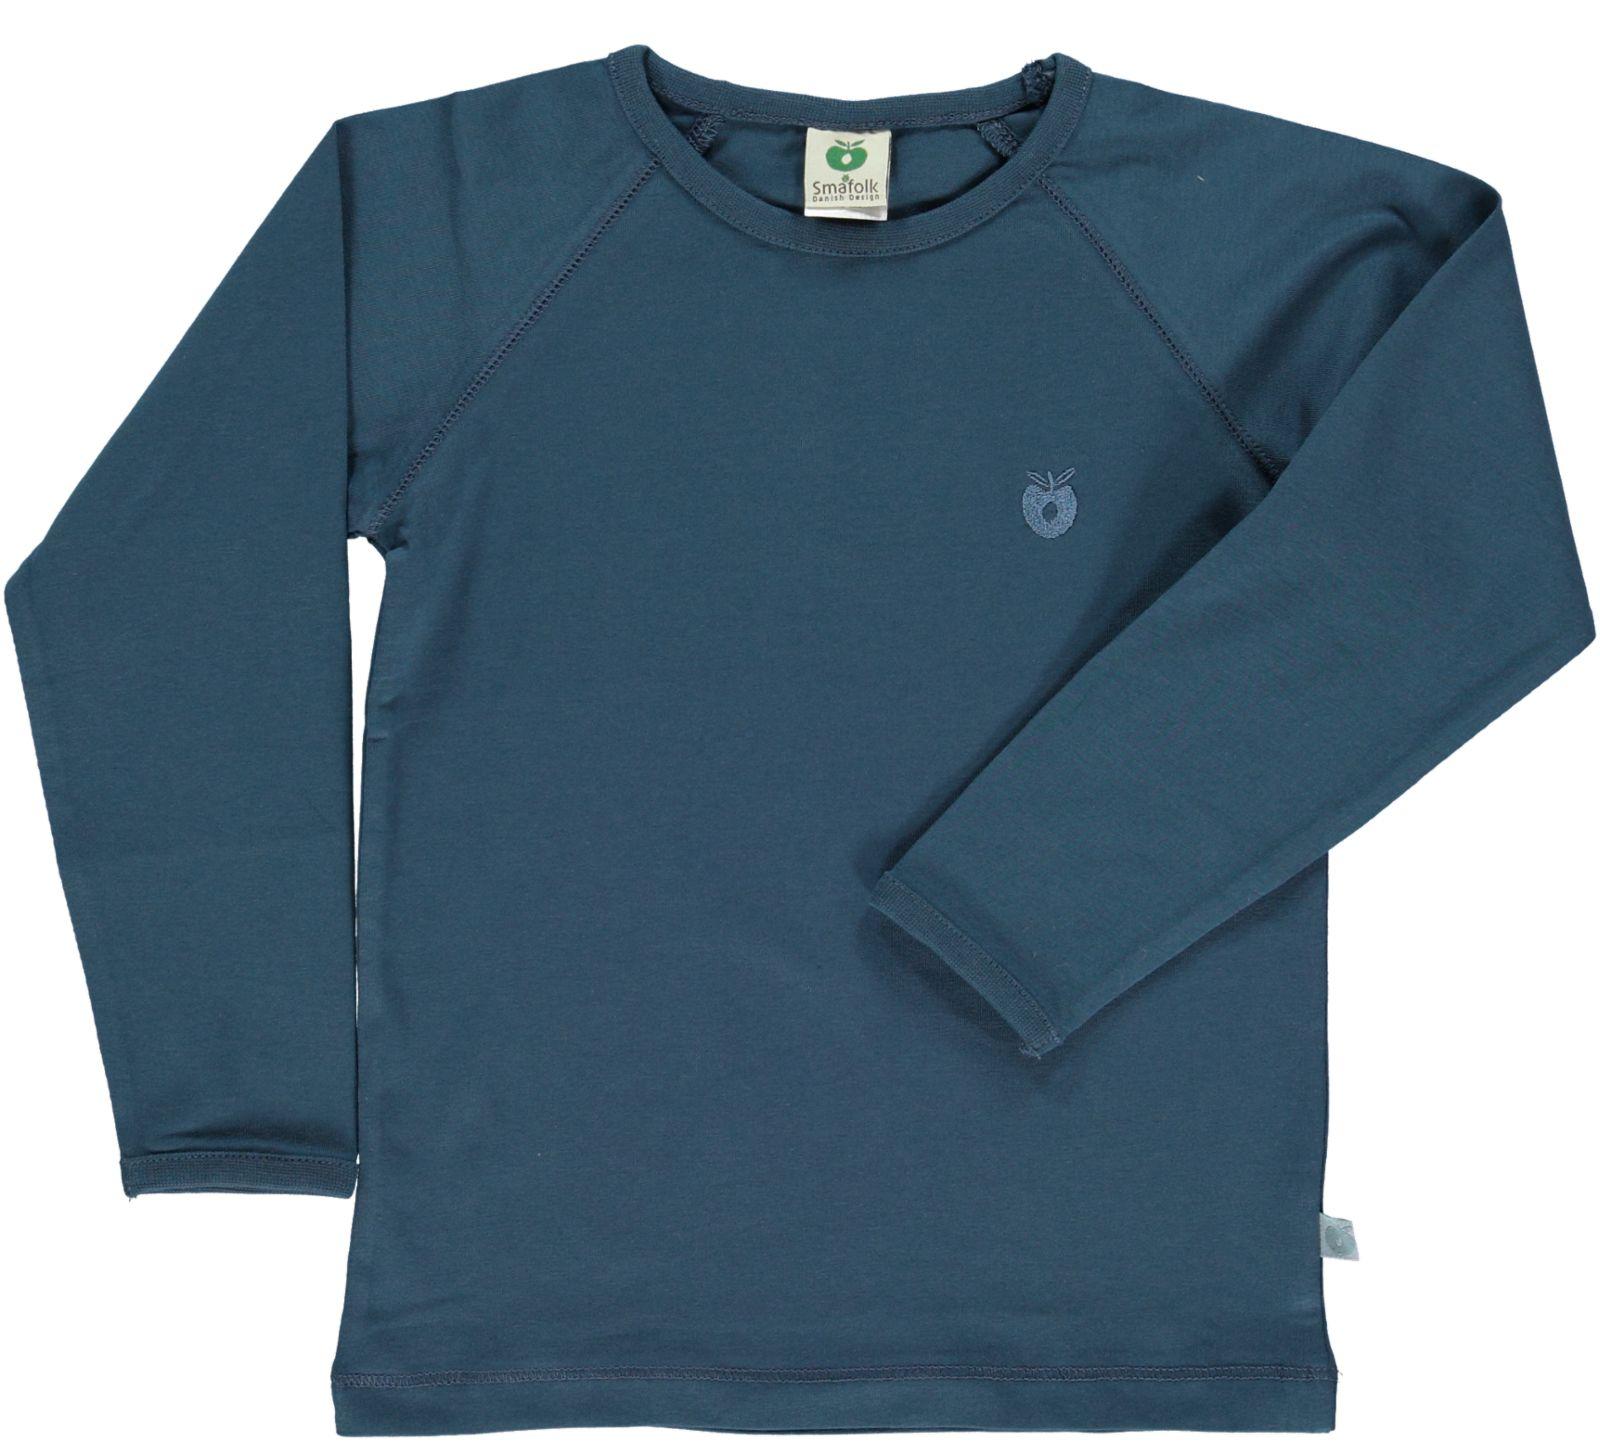 Småfolk - Organic Basic Longsleved T-Shirt - Majolica